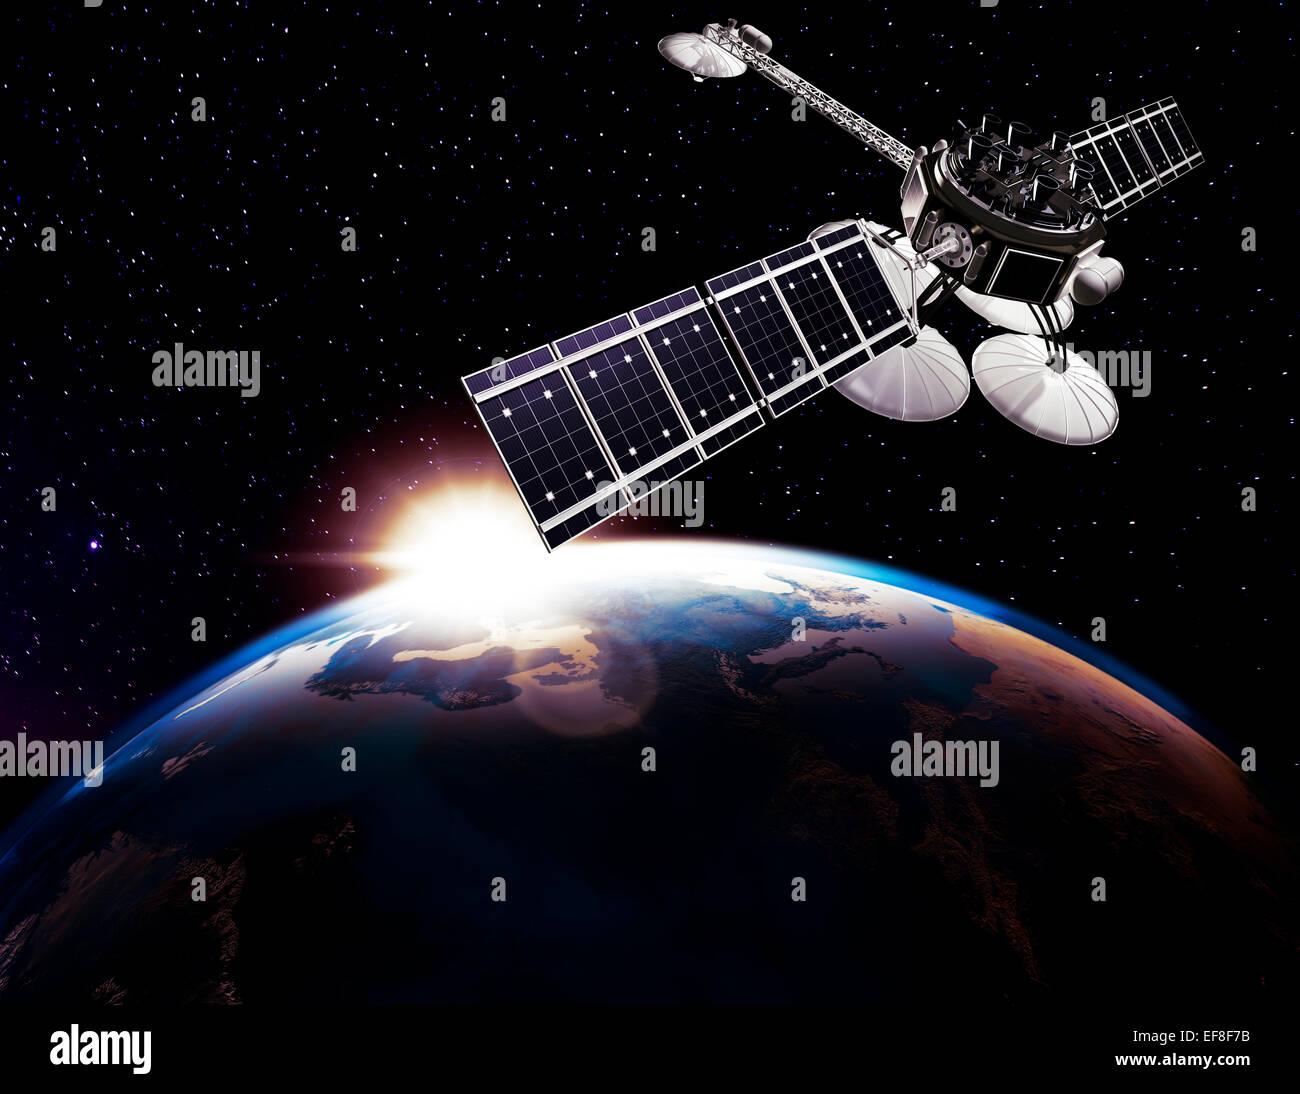 Kommunikationssatellit, Comsat über Erdkugel auf schwarzen Sternenhimmel Hintergrund durch die aufgehende Sonne Stockbild